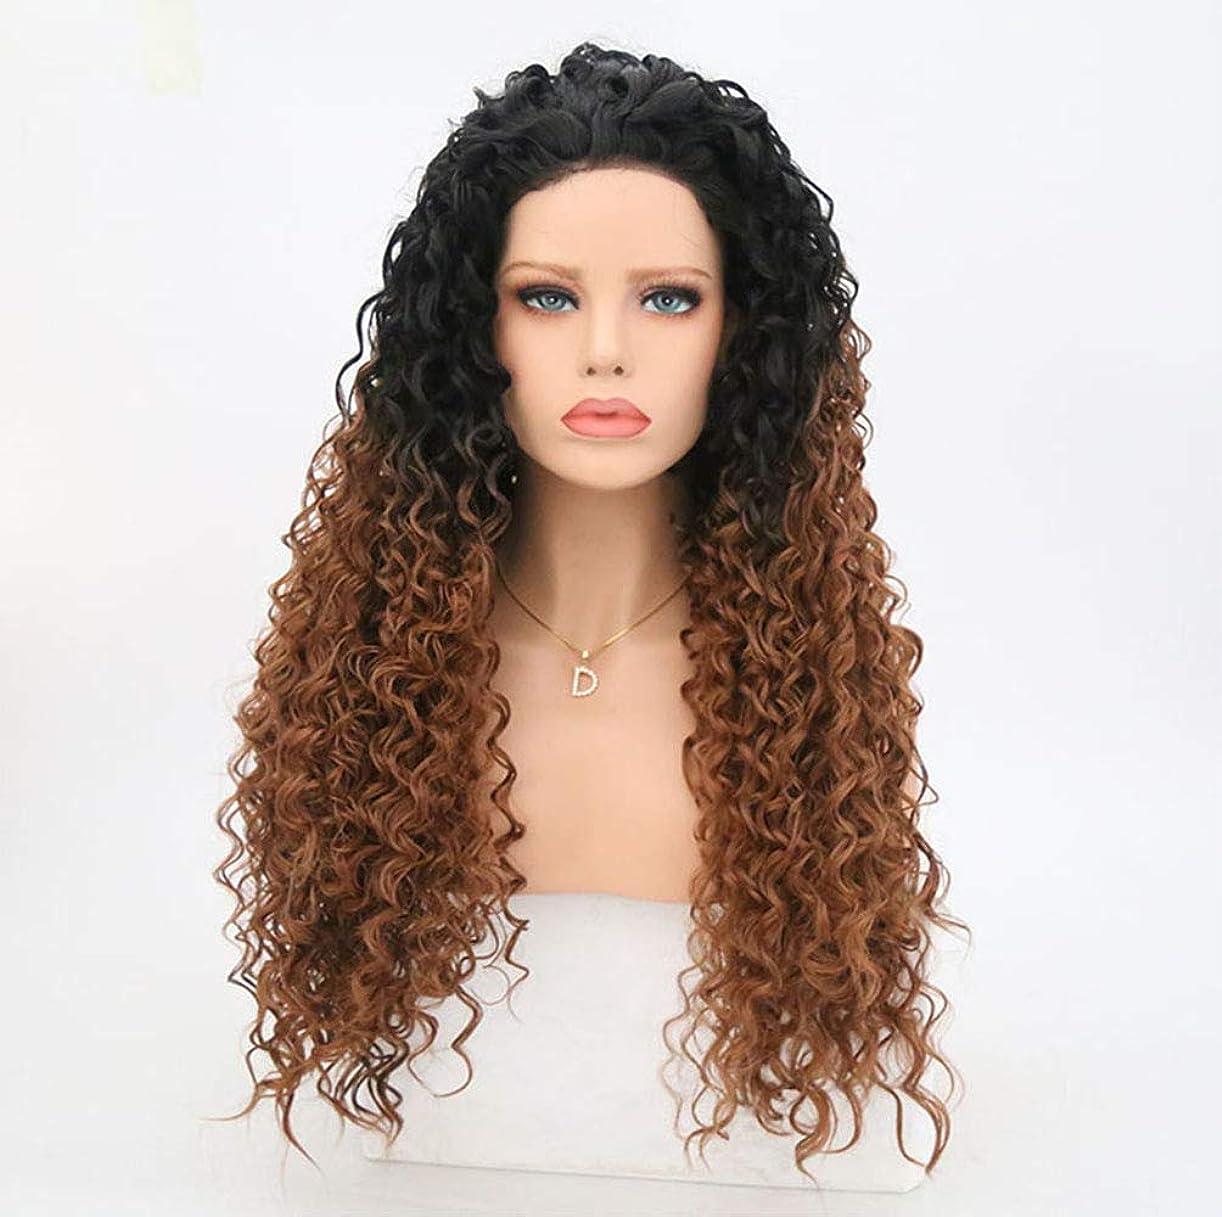 ケープ保安潤滑するかつら女性130%密度合成ロングヘアかつら自然な波カーリーレースフロントかつらで赤ん坊の毛